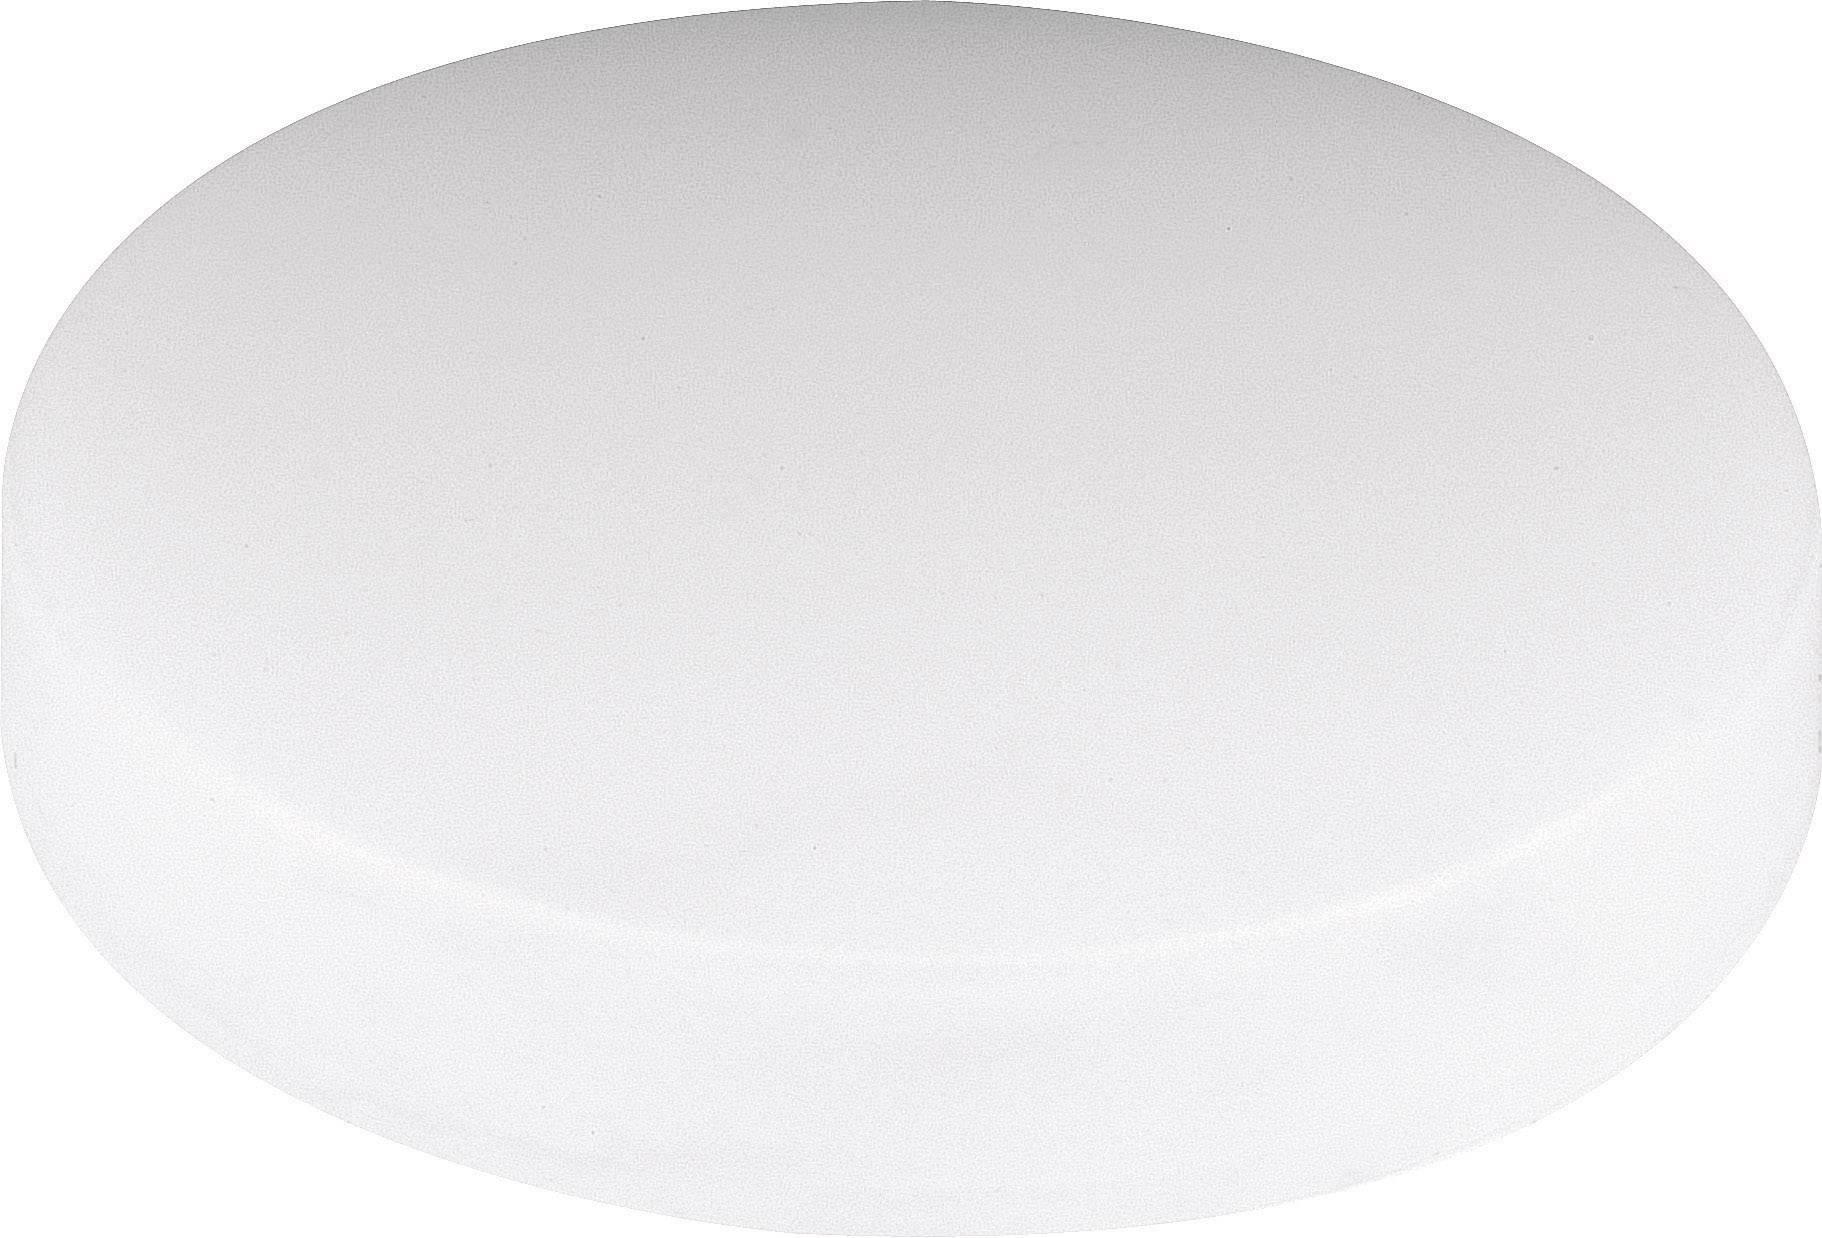 Svetelný poklop Mentor 2510.0600, opálová, vhodný pre reflektor 40 mm